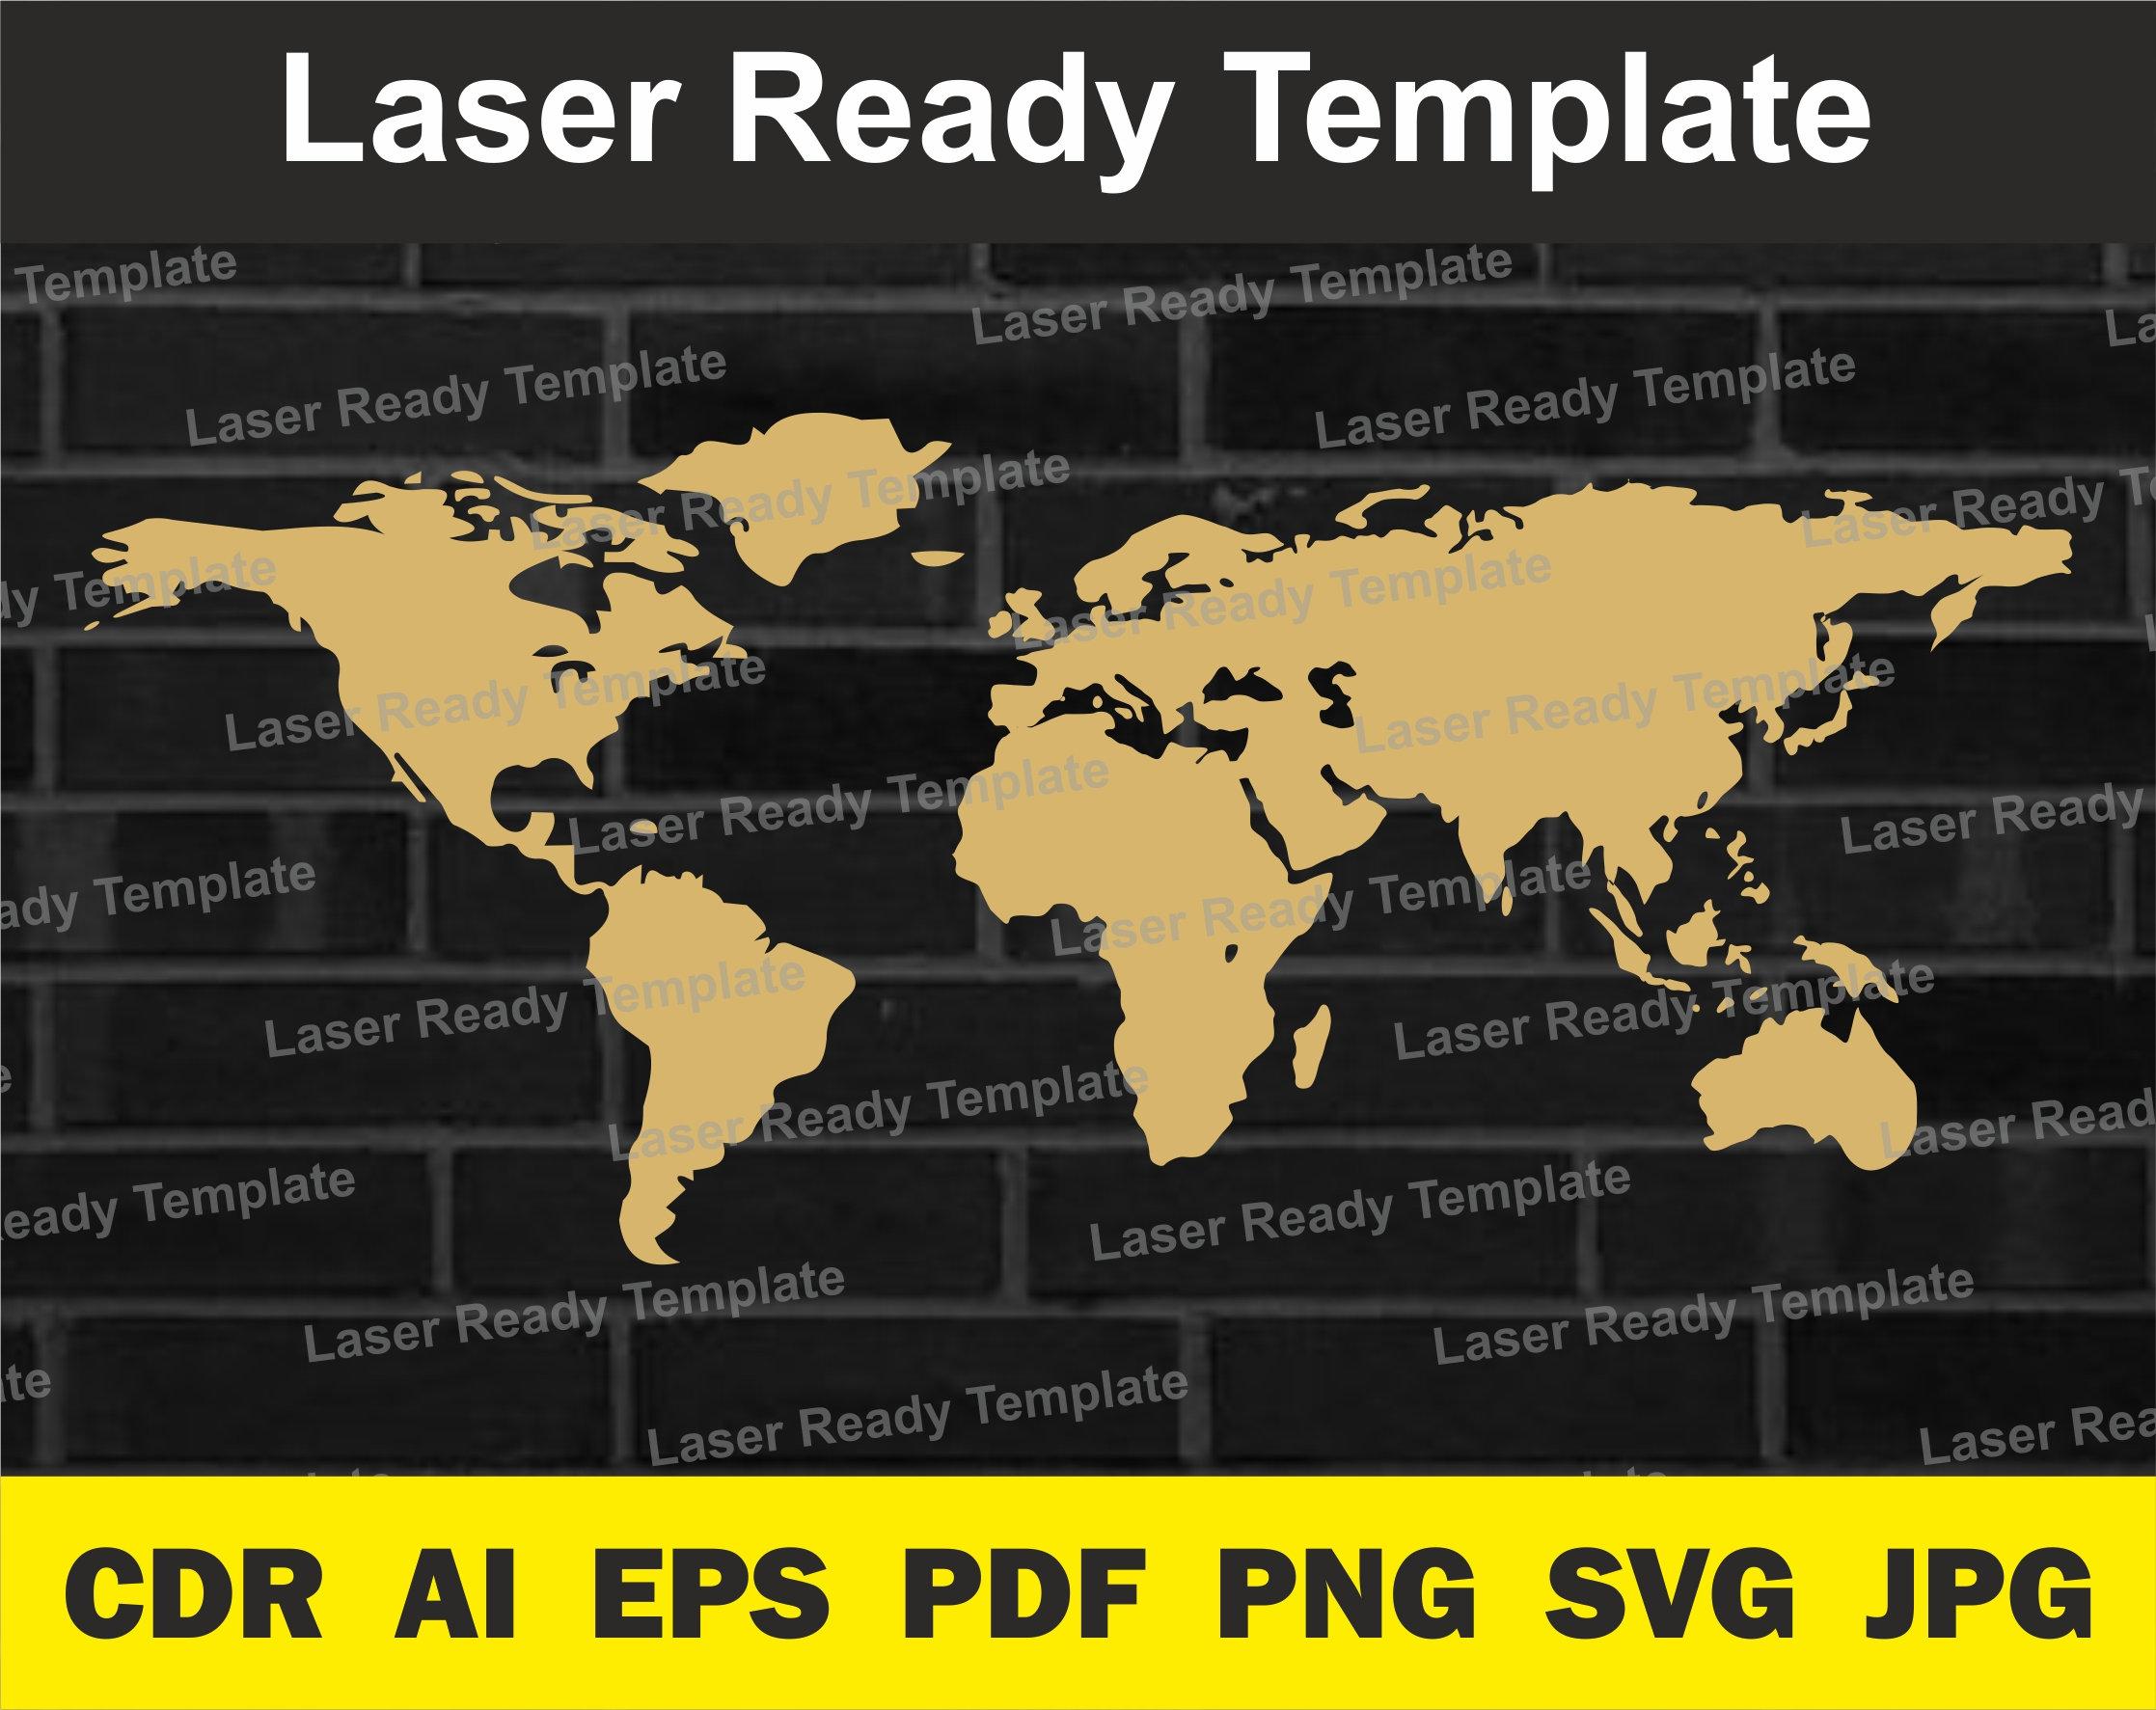 lasercut,cdr Vector Laser Cut File CDR Horse 3d Puzzle file lasercut   388 SVG,PDF cnc files